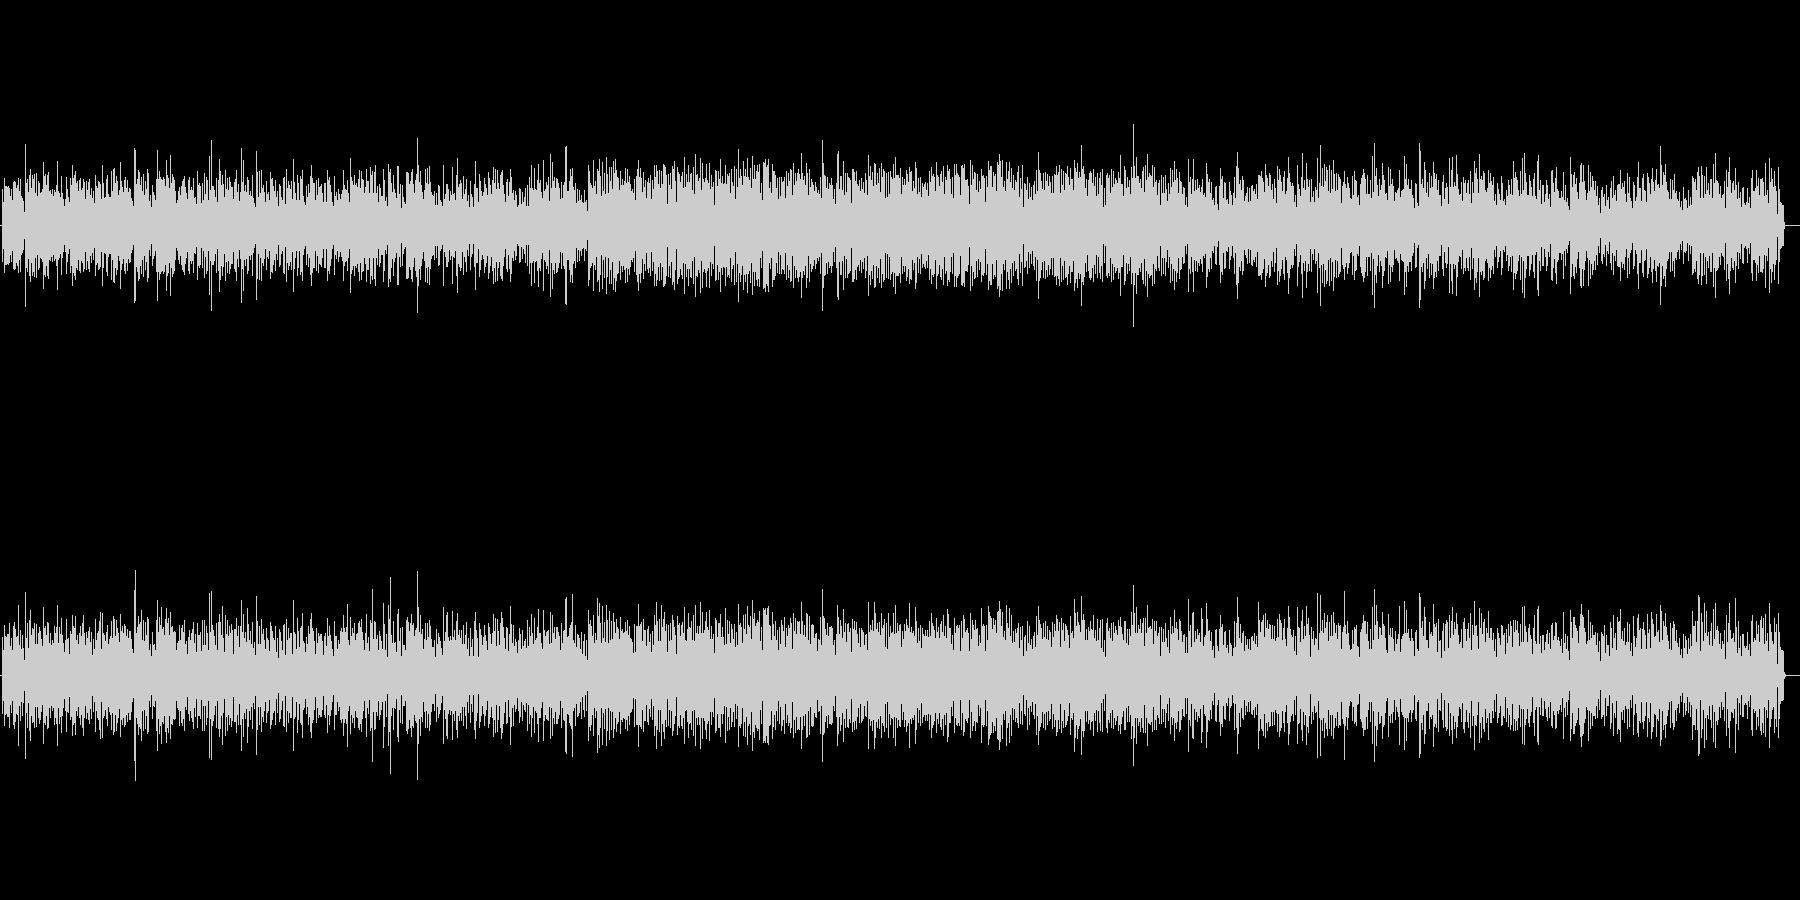 リズミカルなビブラフォンの軽やかな音色の未再生の波形